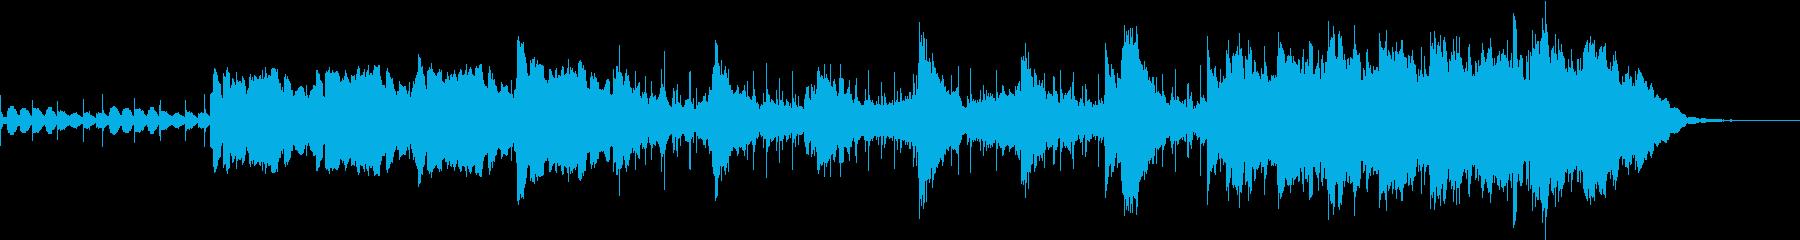 マッサージ用の優しいドラムとシンセメロの再生済みの波形